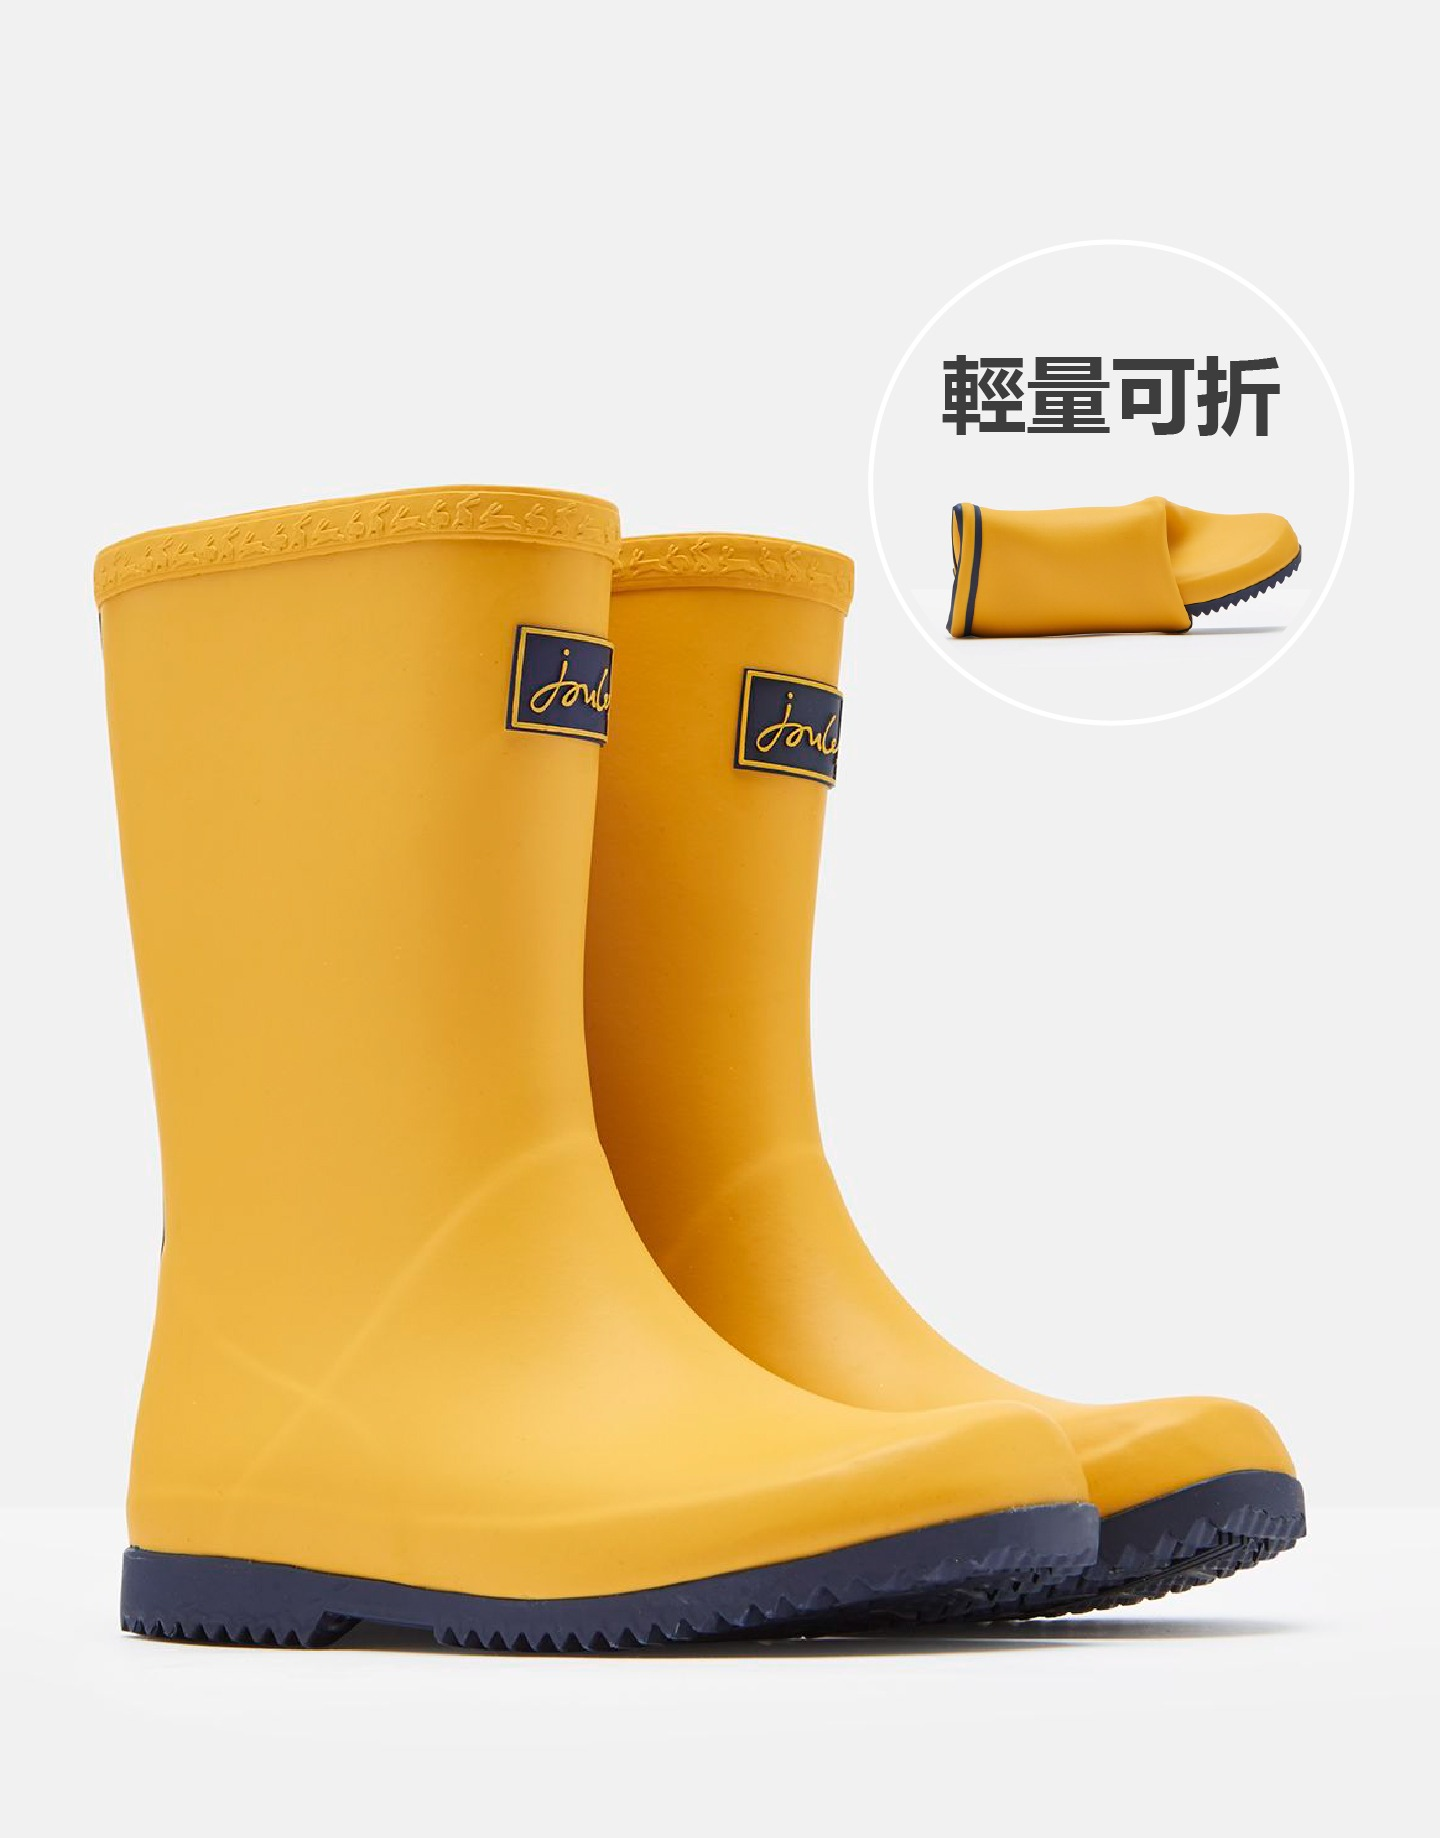 GIRLS-亮黃可折雨鞋UK9